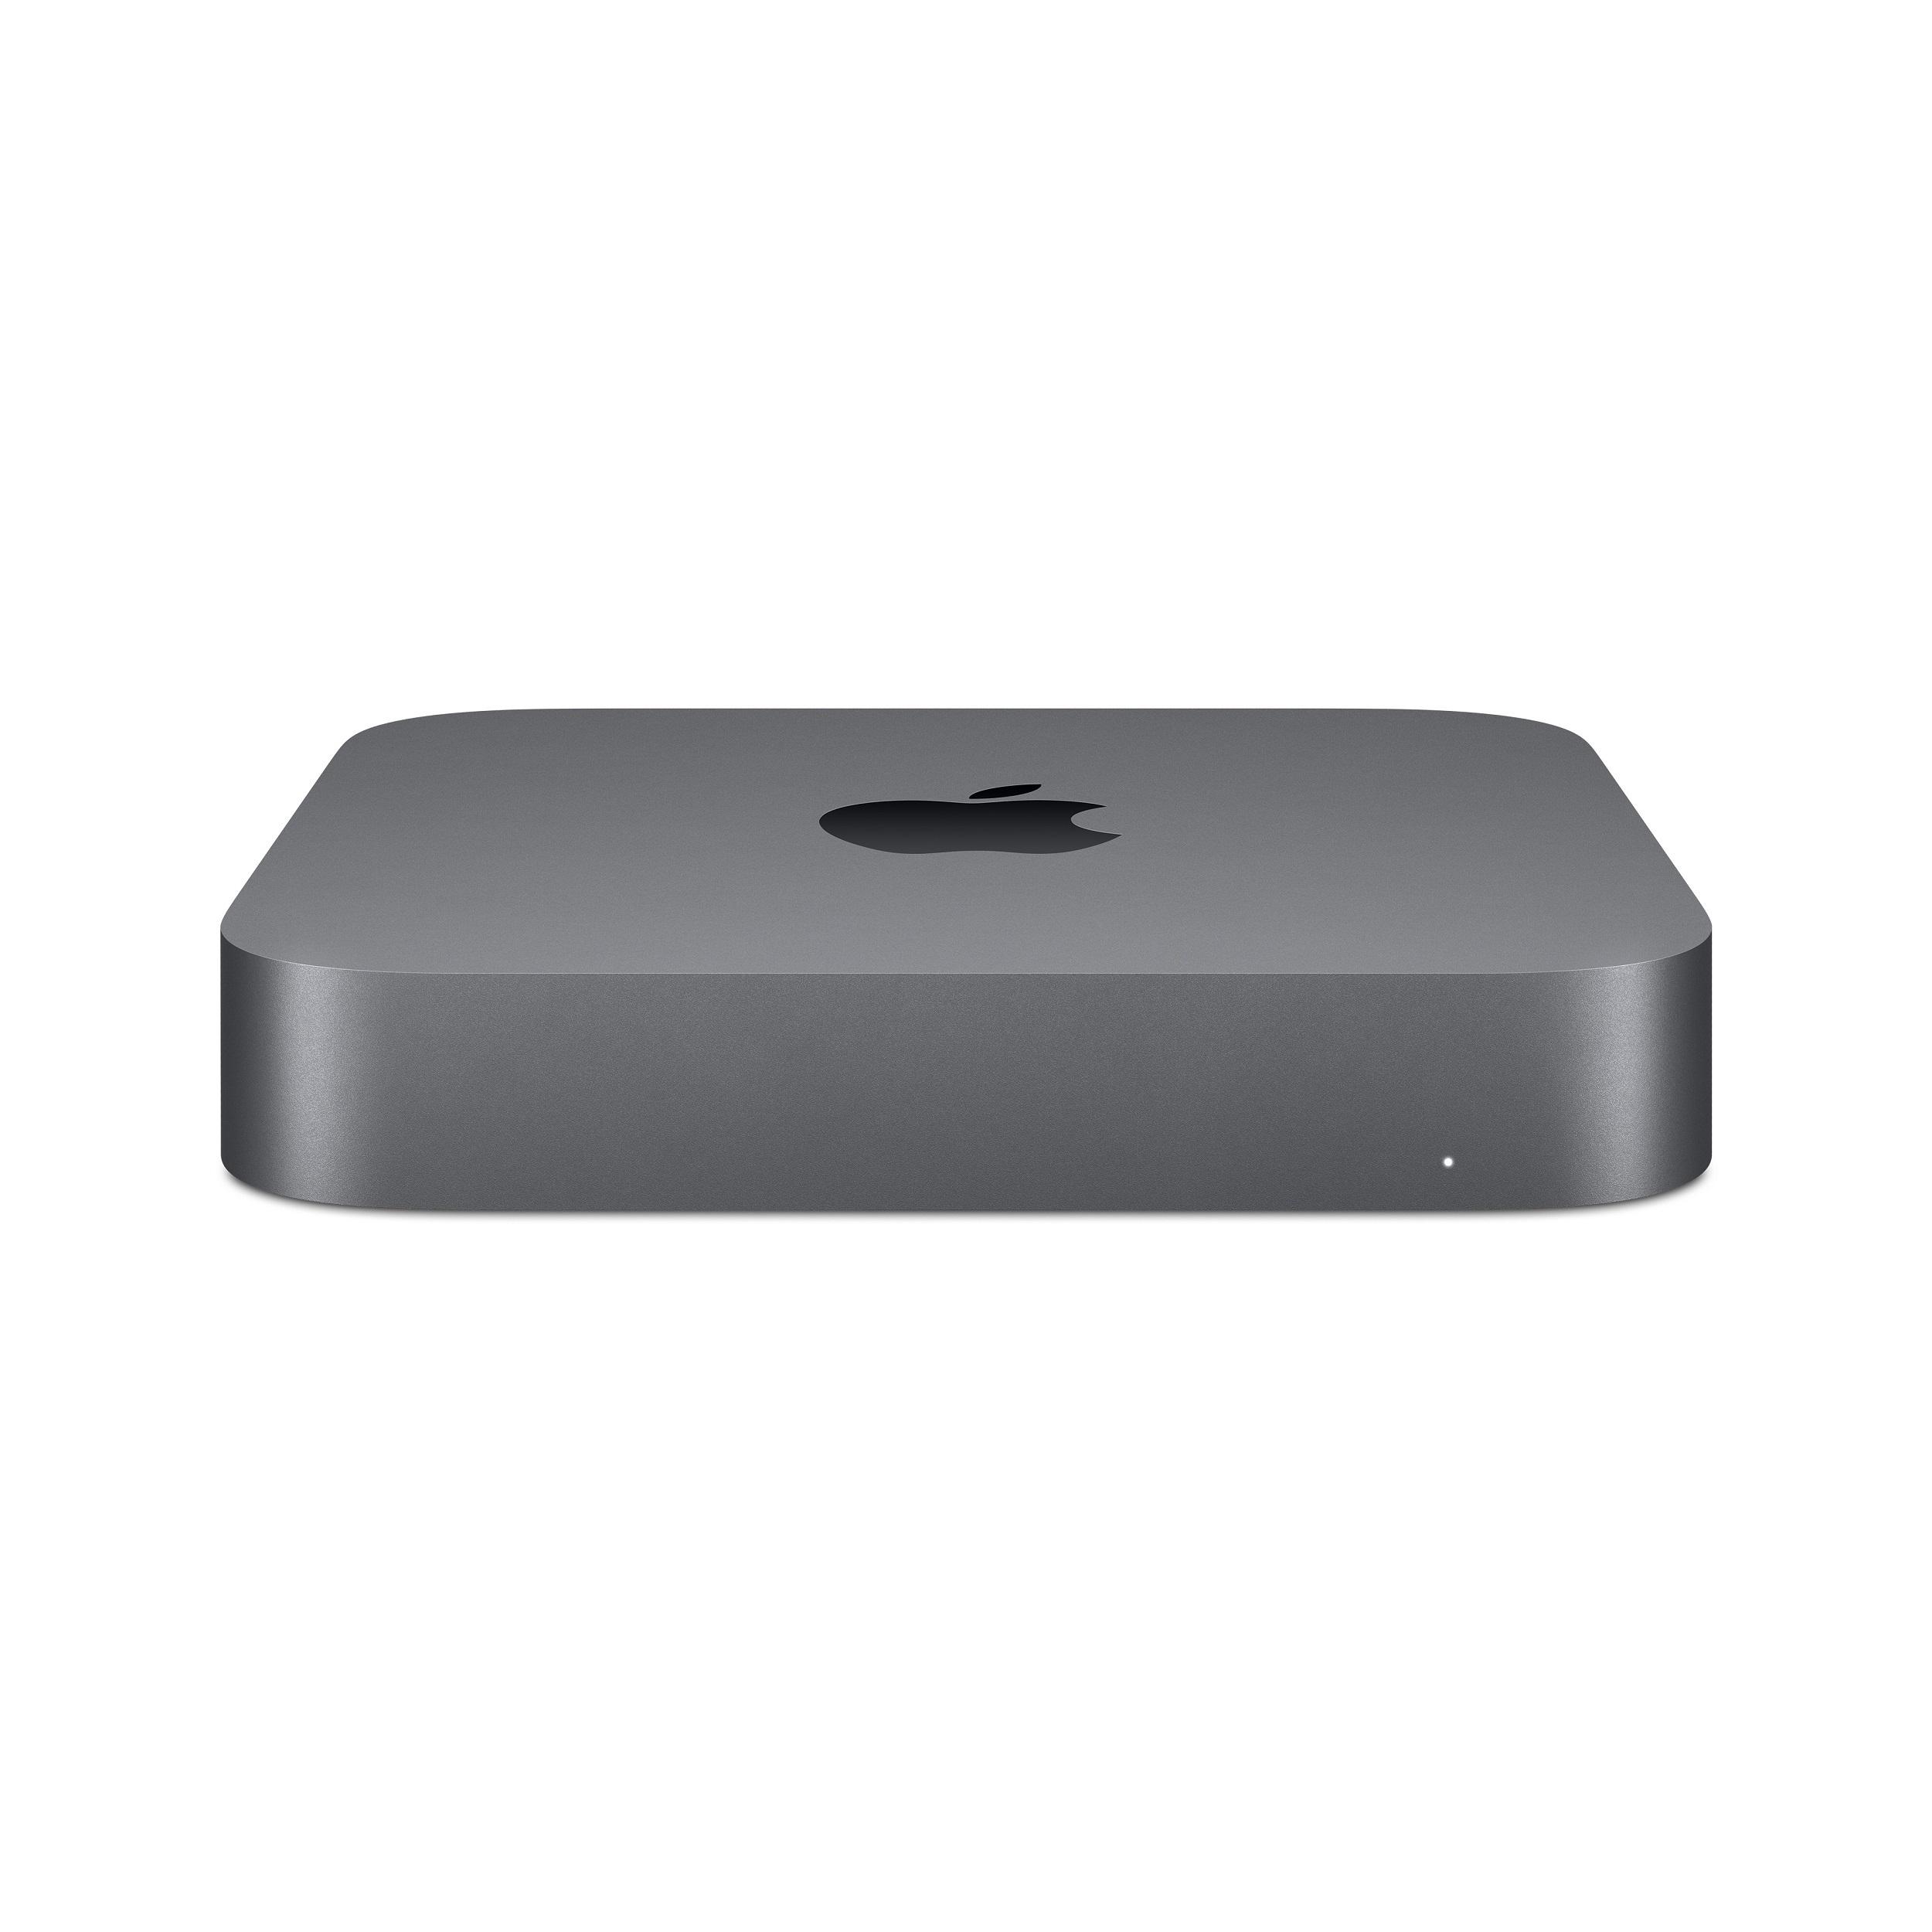 Mac Mini - MRTR2KS/A - Gris